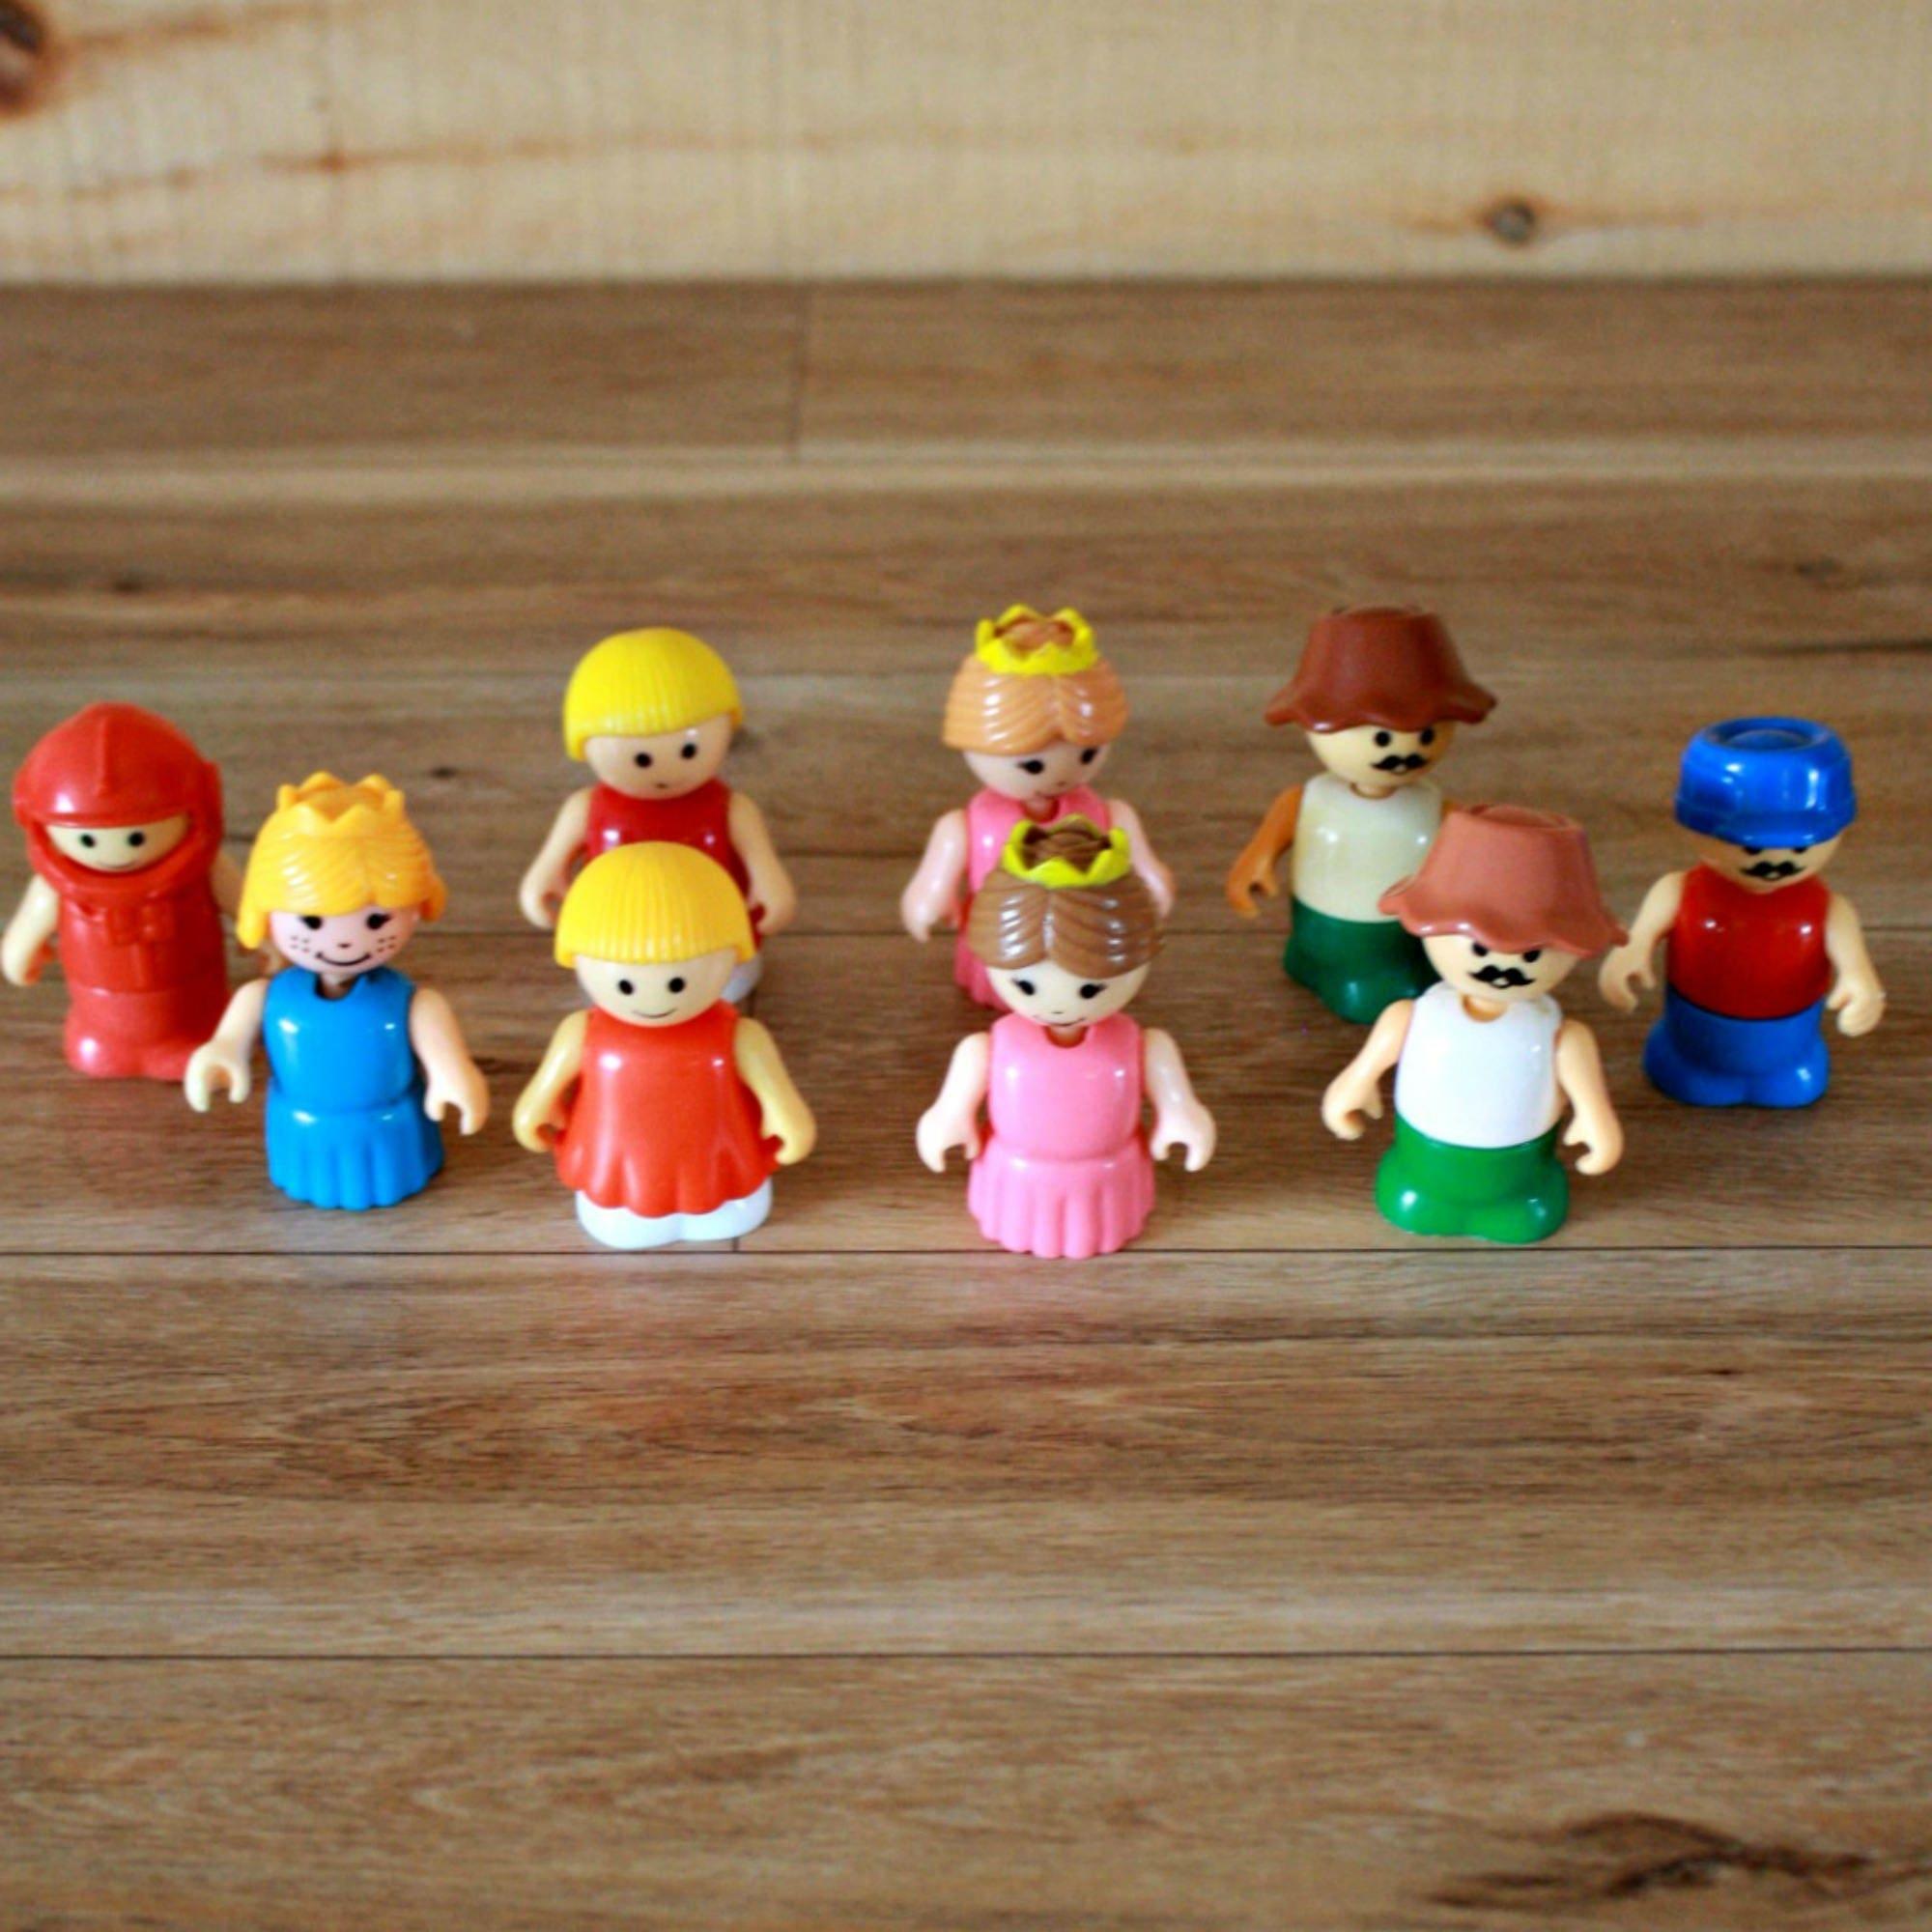 Playskool kid der 1990er Jahre Kunststoff Figur Figur Kind | Etsy